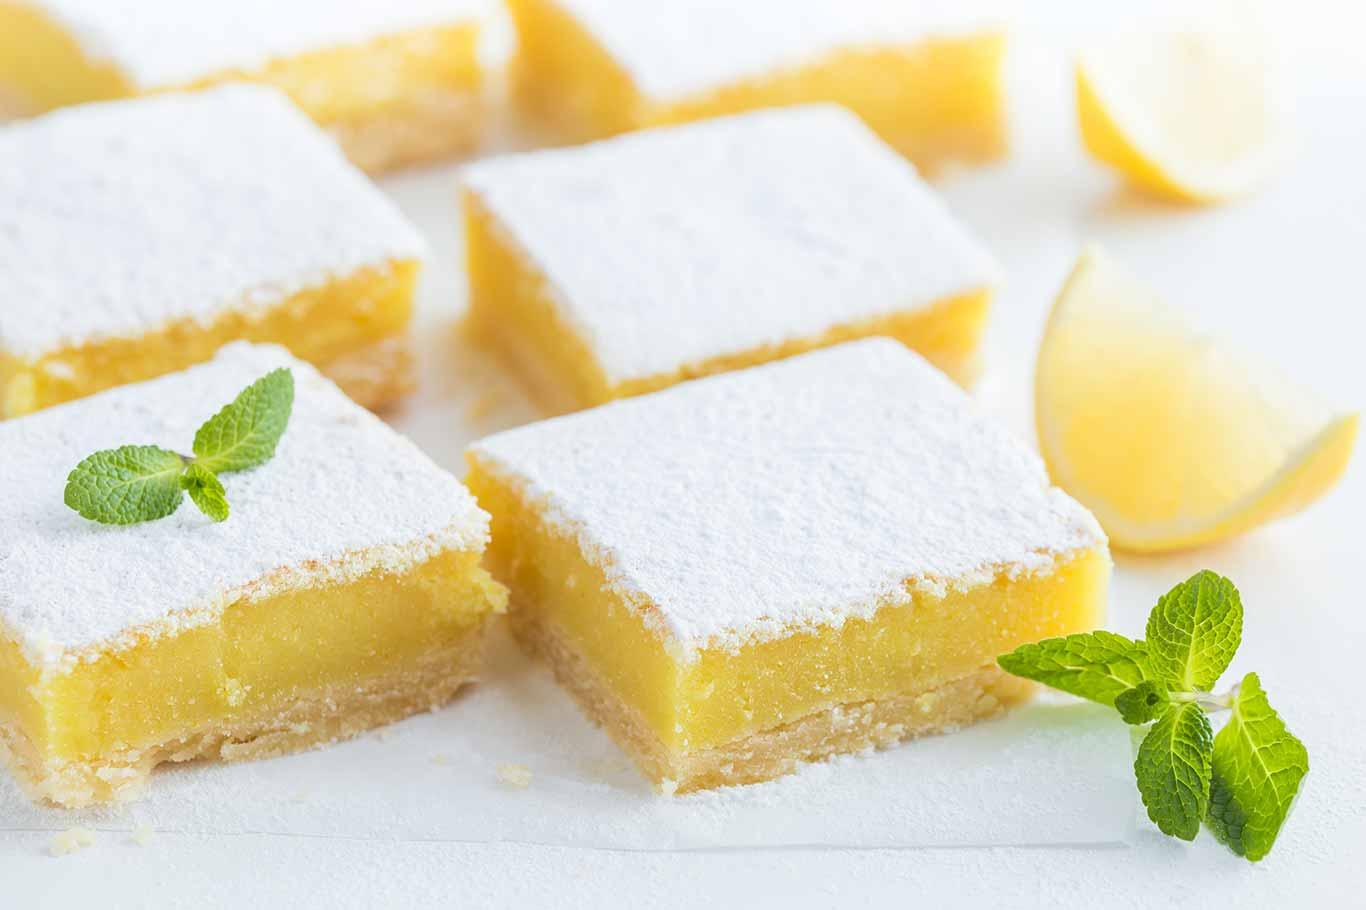 Receta de barras de limón